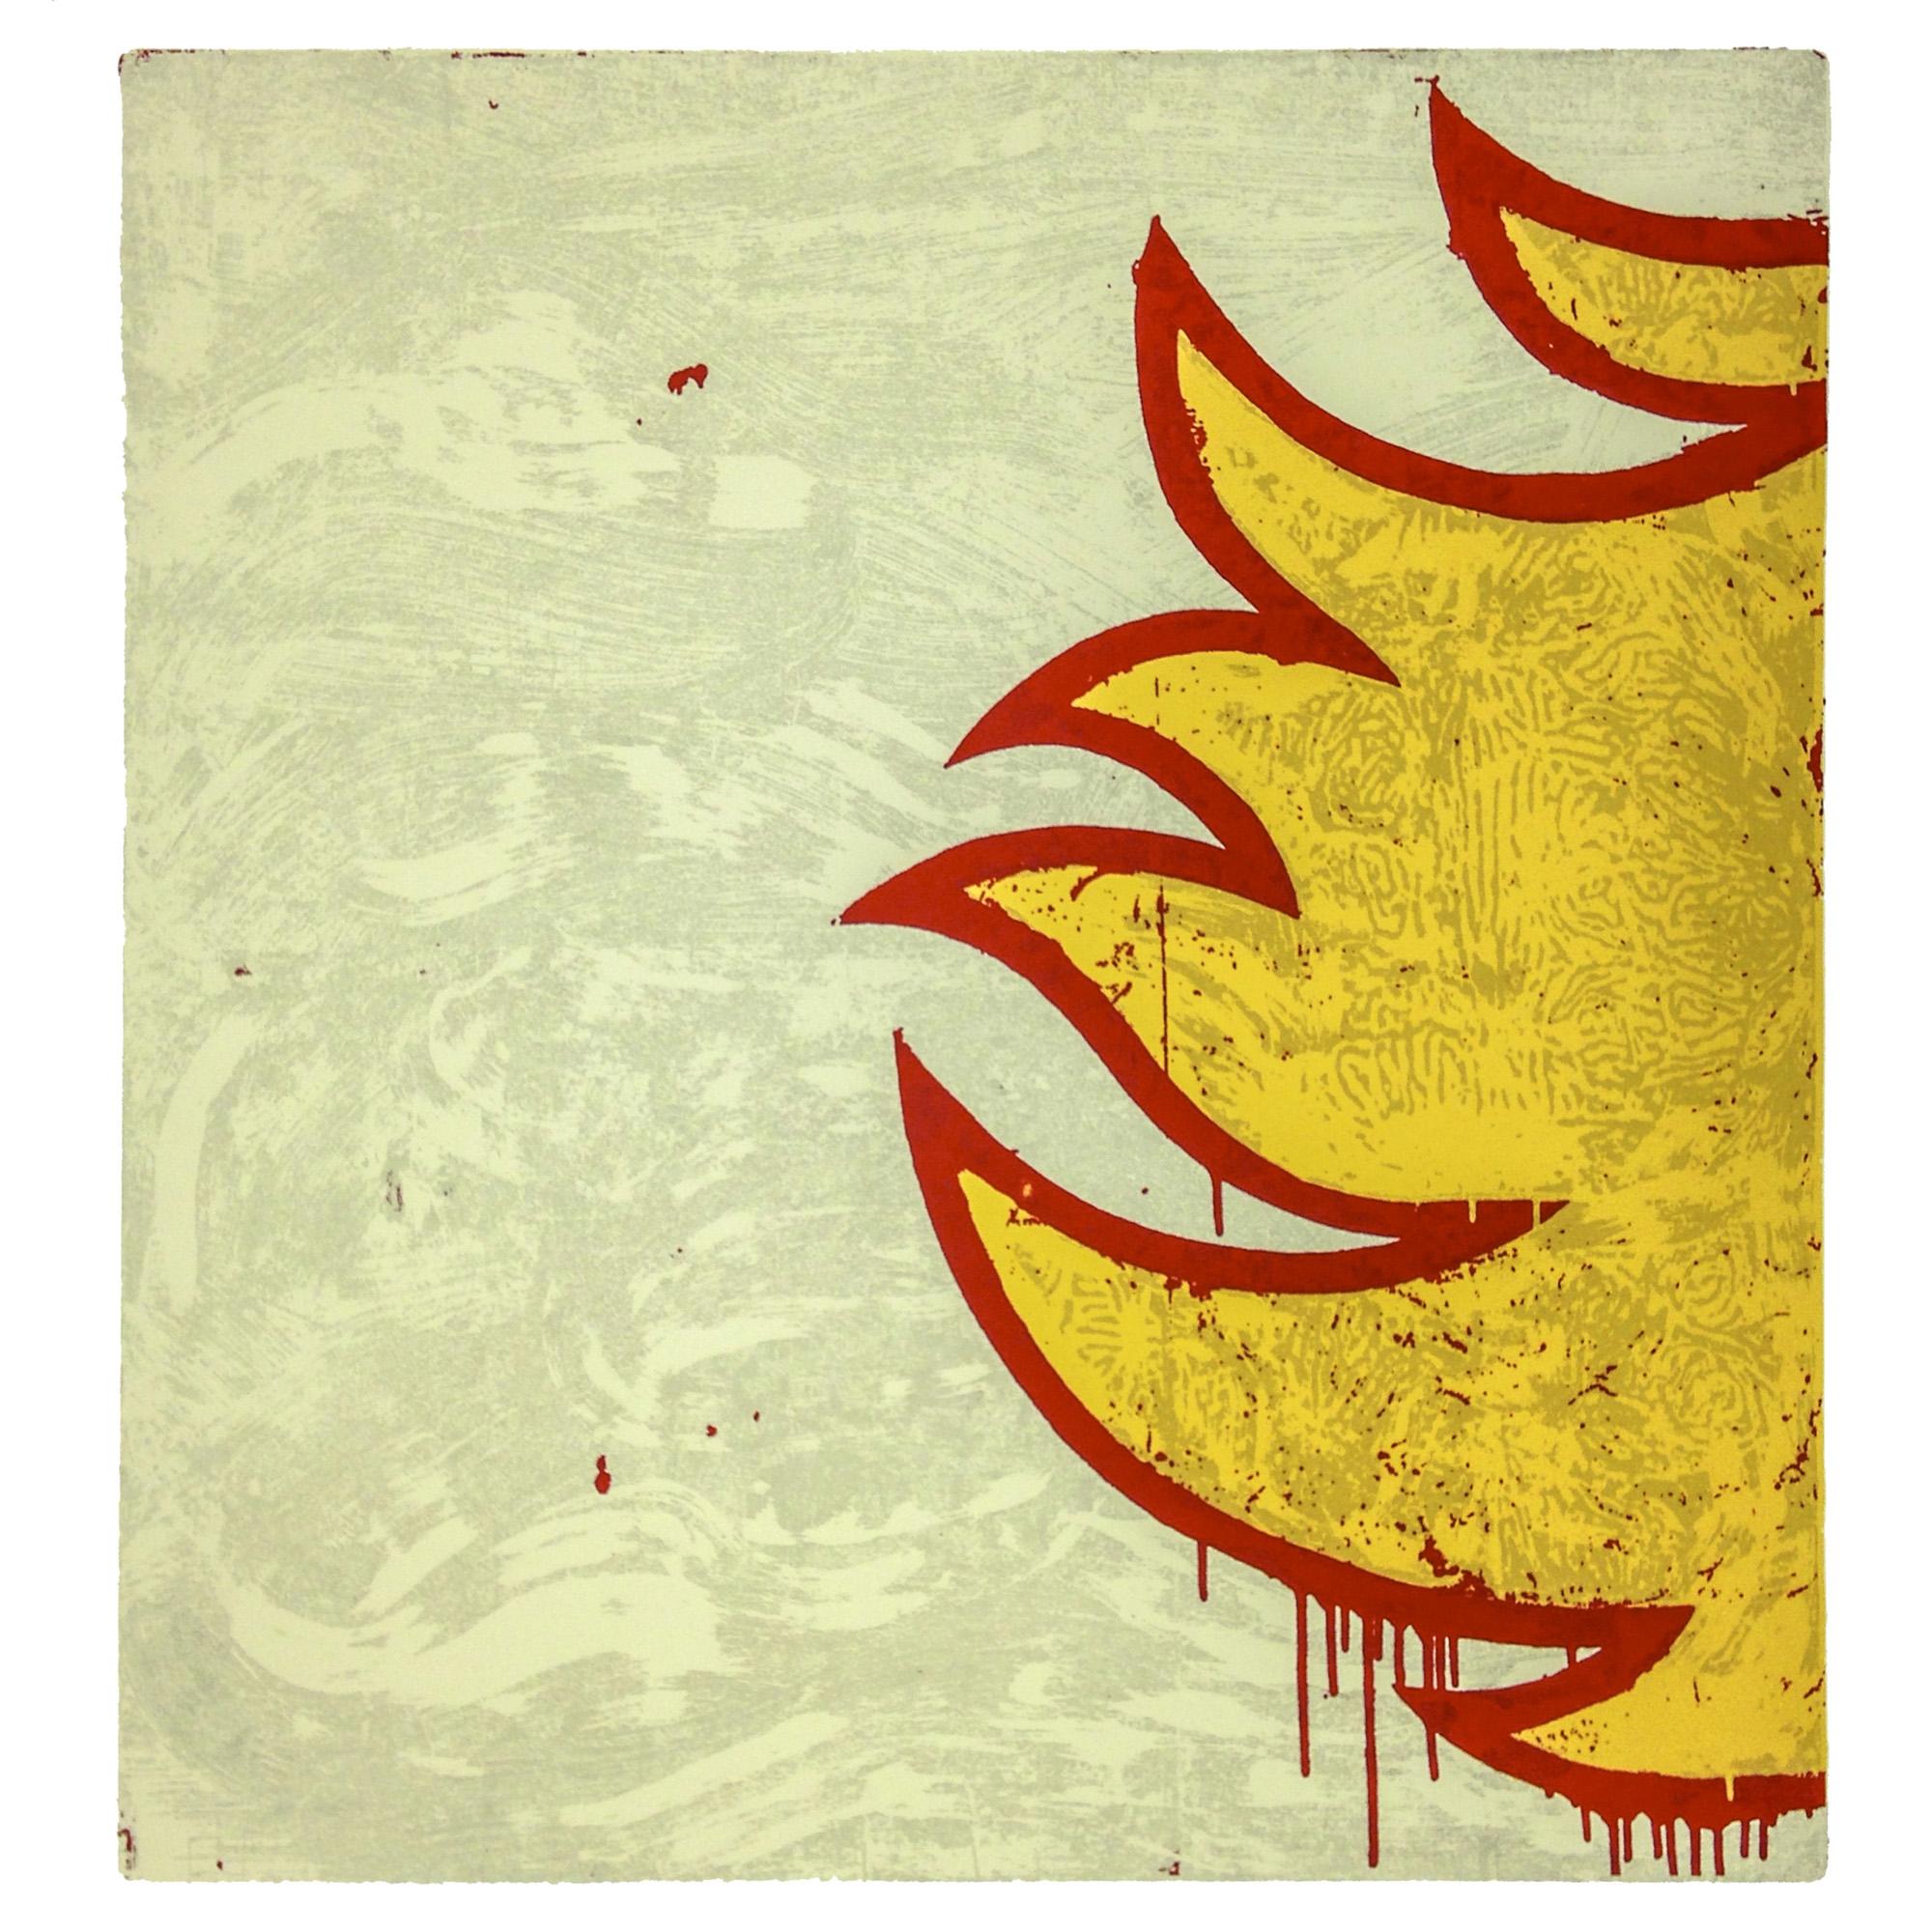 Paulis Liepa   Burn It!   Screenprint  2014